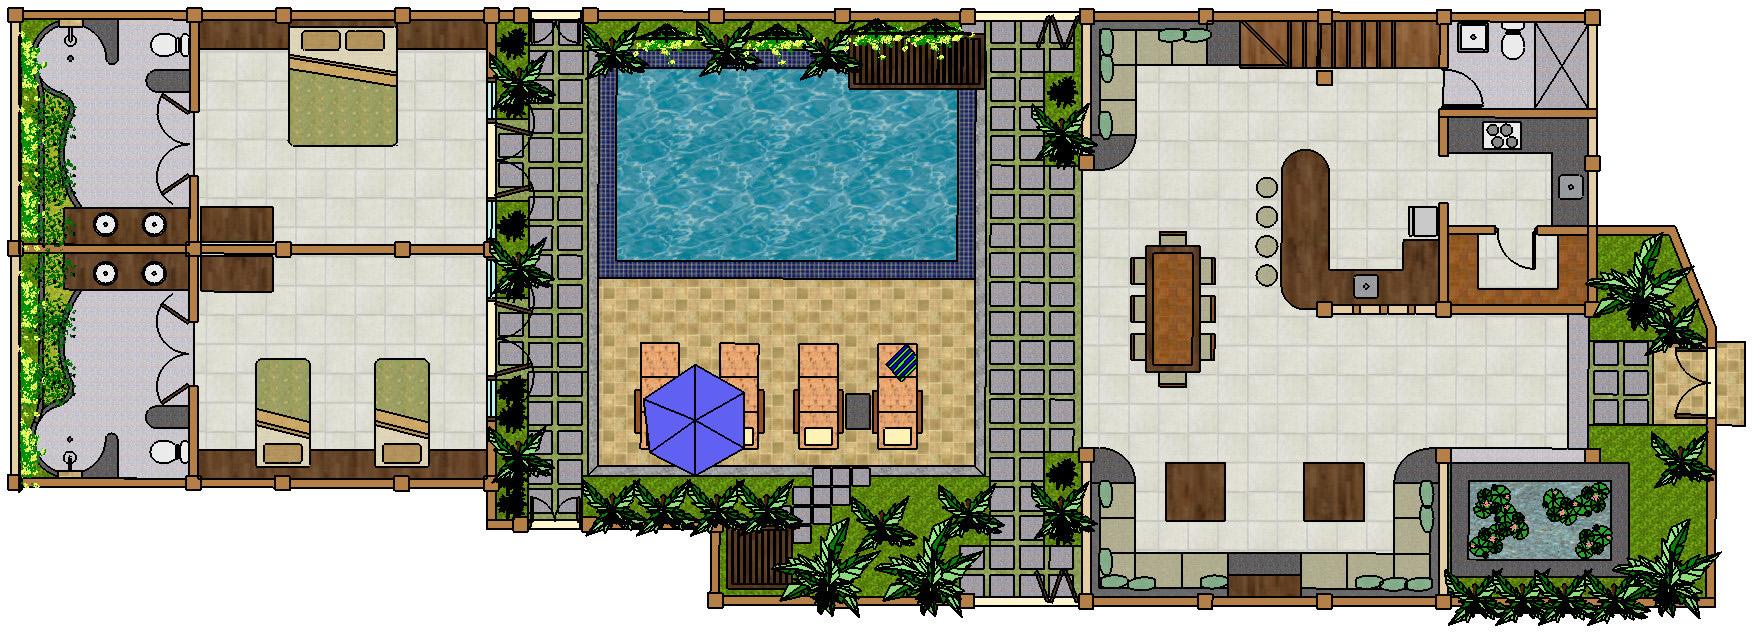 villa-teman-lovina-3-bedroom-villa-floorplan